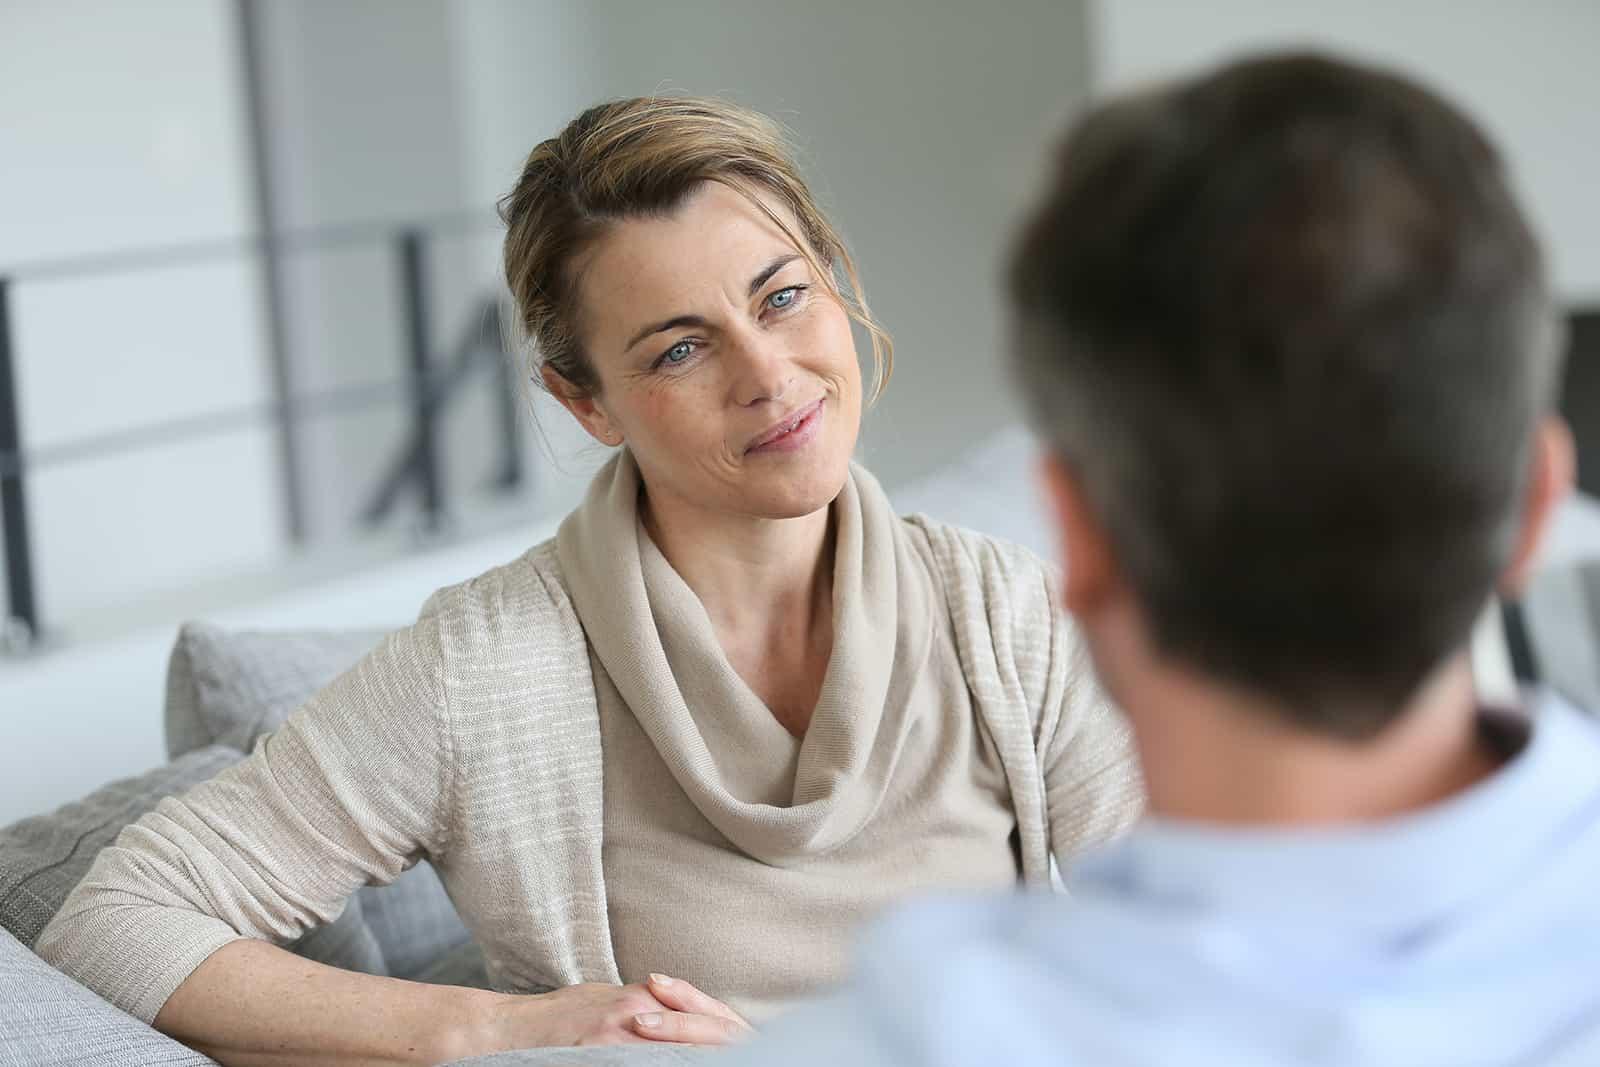 eine lächelnde Frau, die ihren Ehemann während eines Gesprächs ansieht